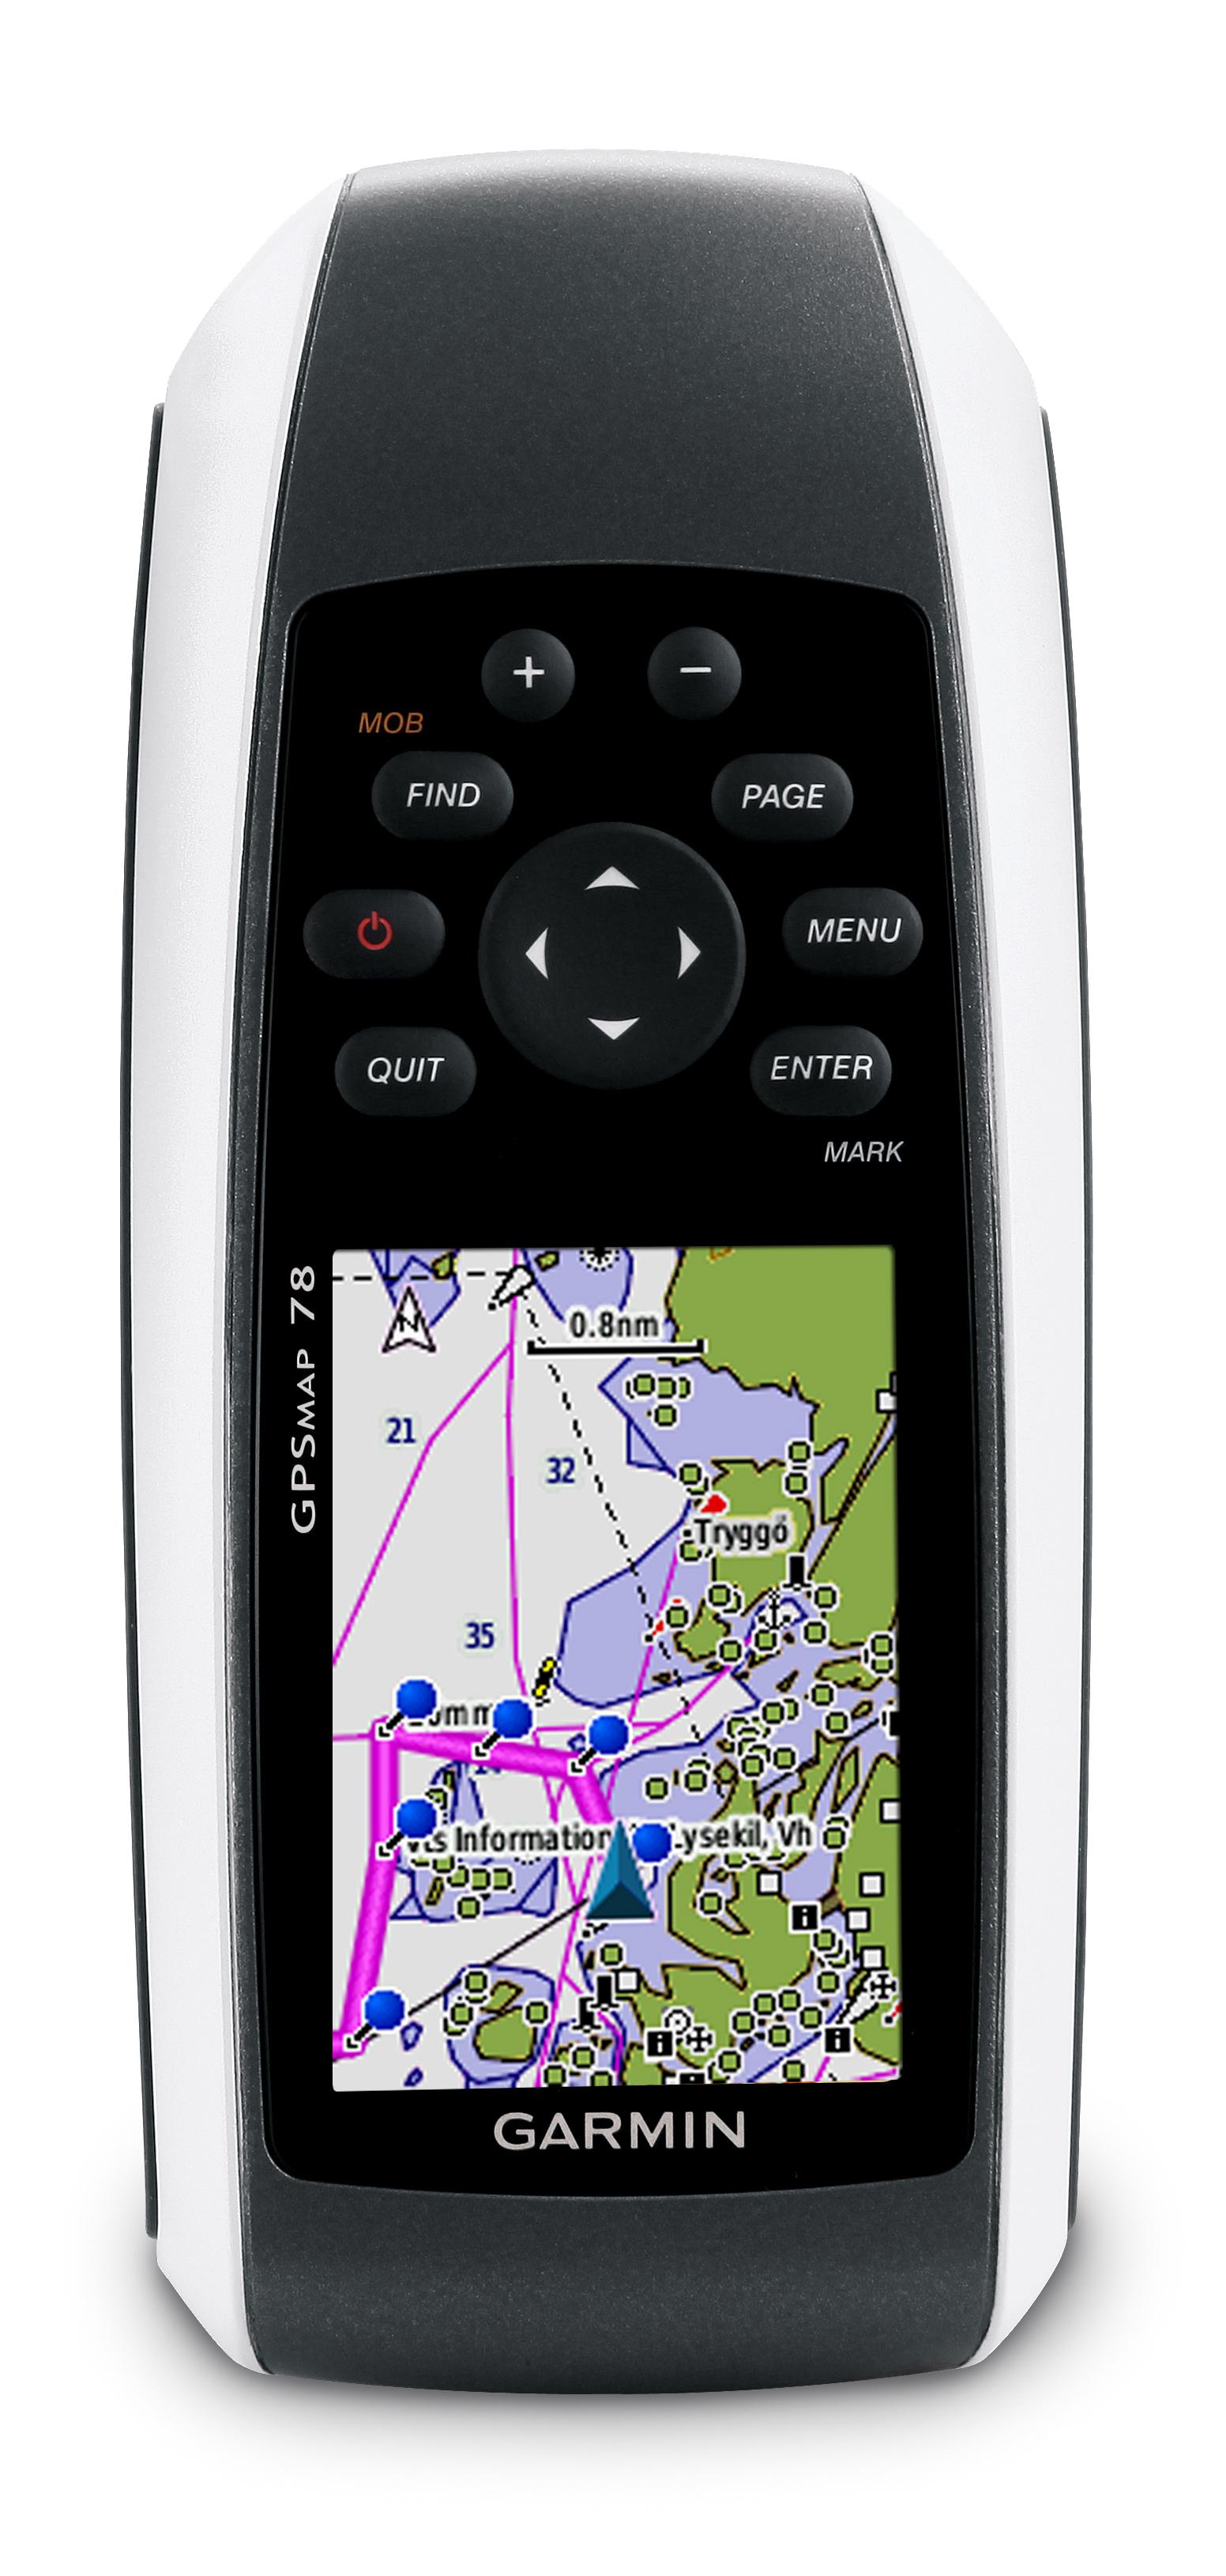 garmin gpsmap 78 handheld gps front view